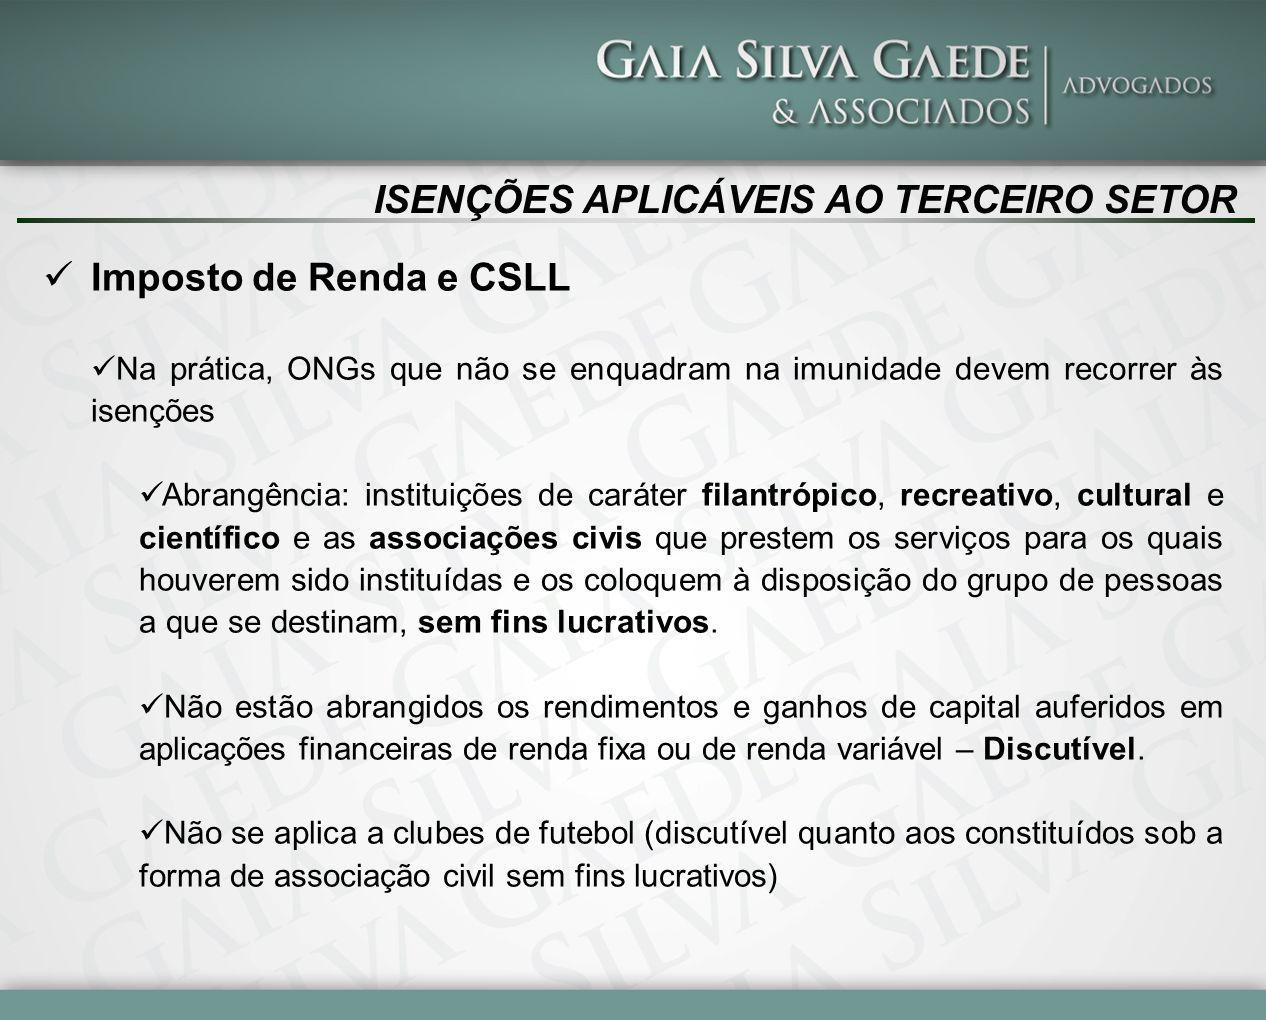 ISENÇÕES APLICÁVEIS AO TERCEIRO SETOR